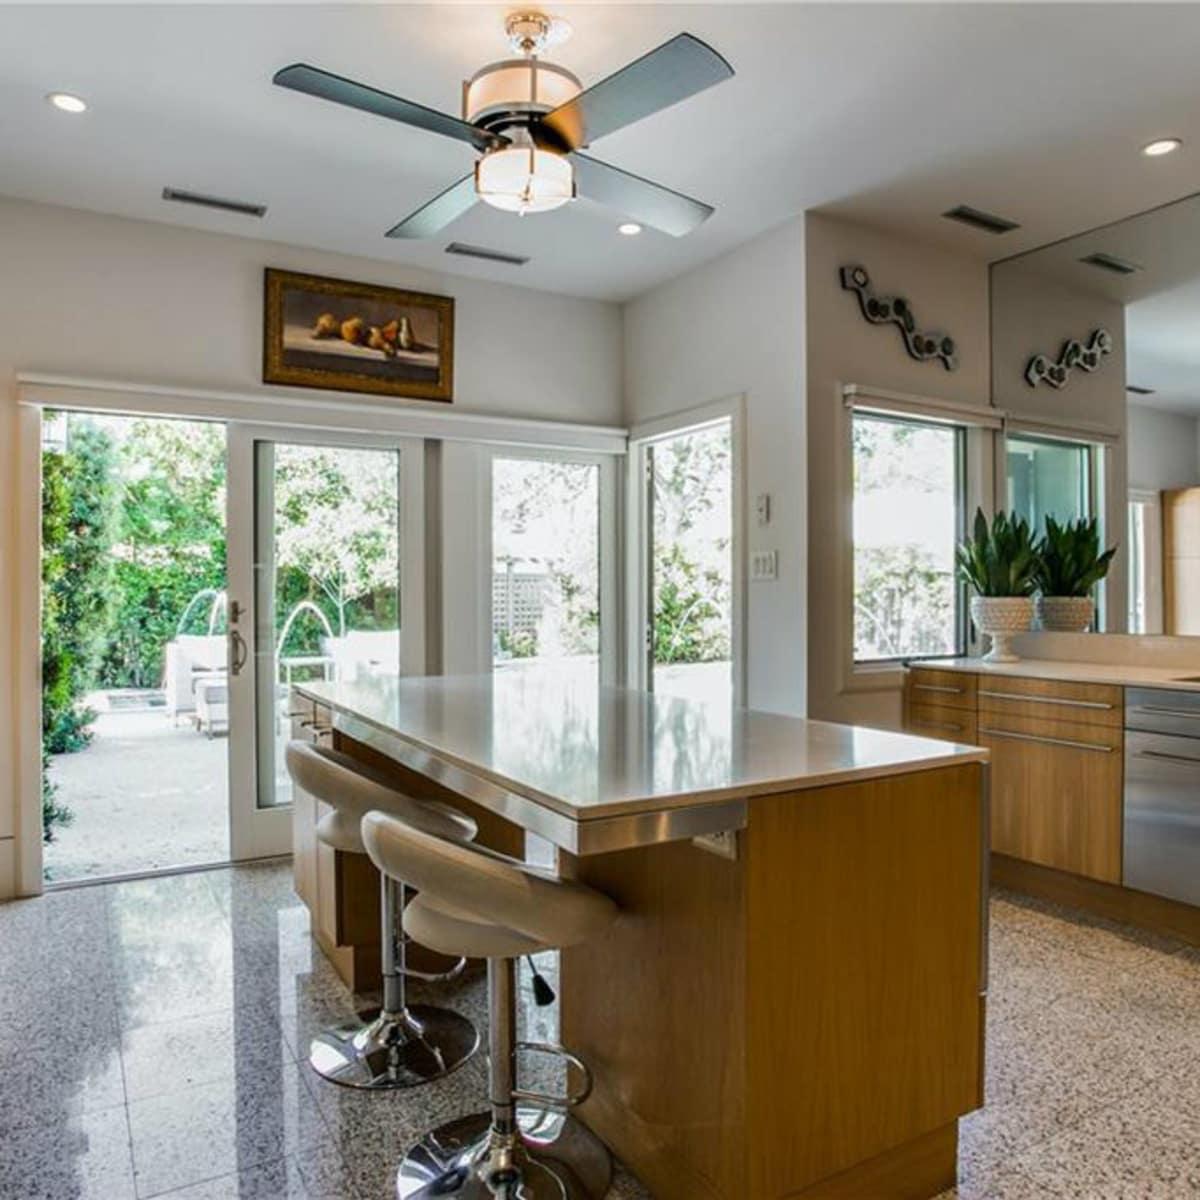 5535 Hanover kitchen